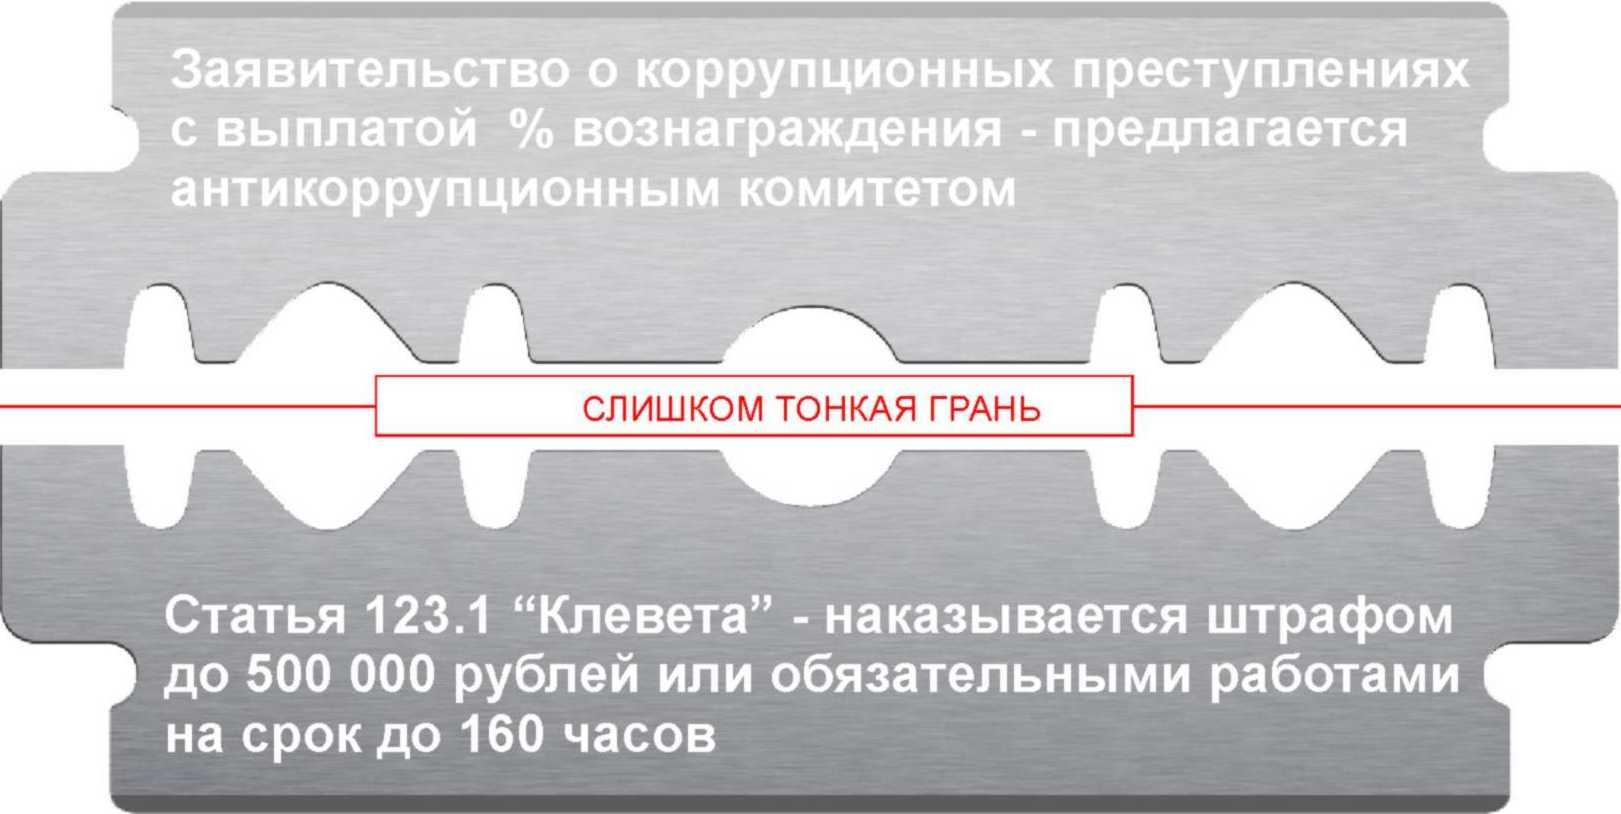 galerei (130)